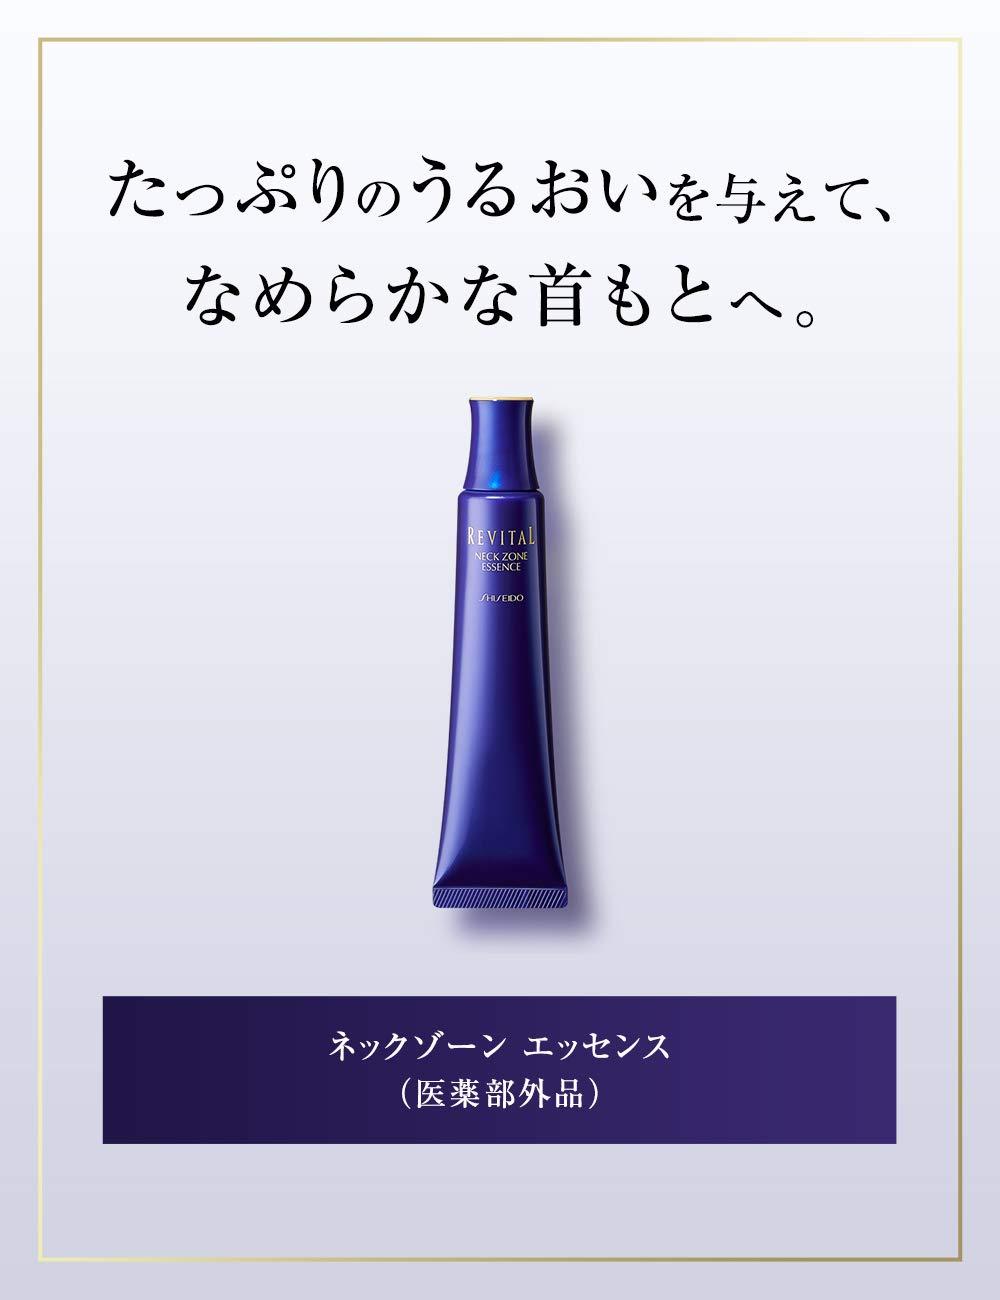 chong nhan vung co shiseido revital neck zone essence nhat ban